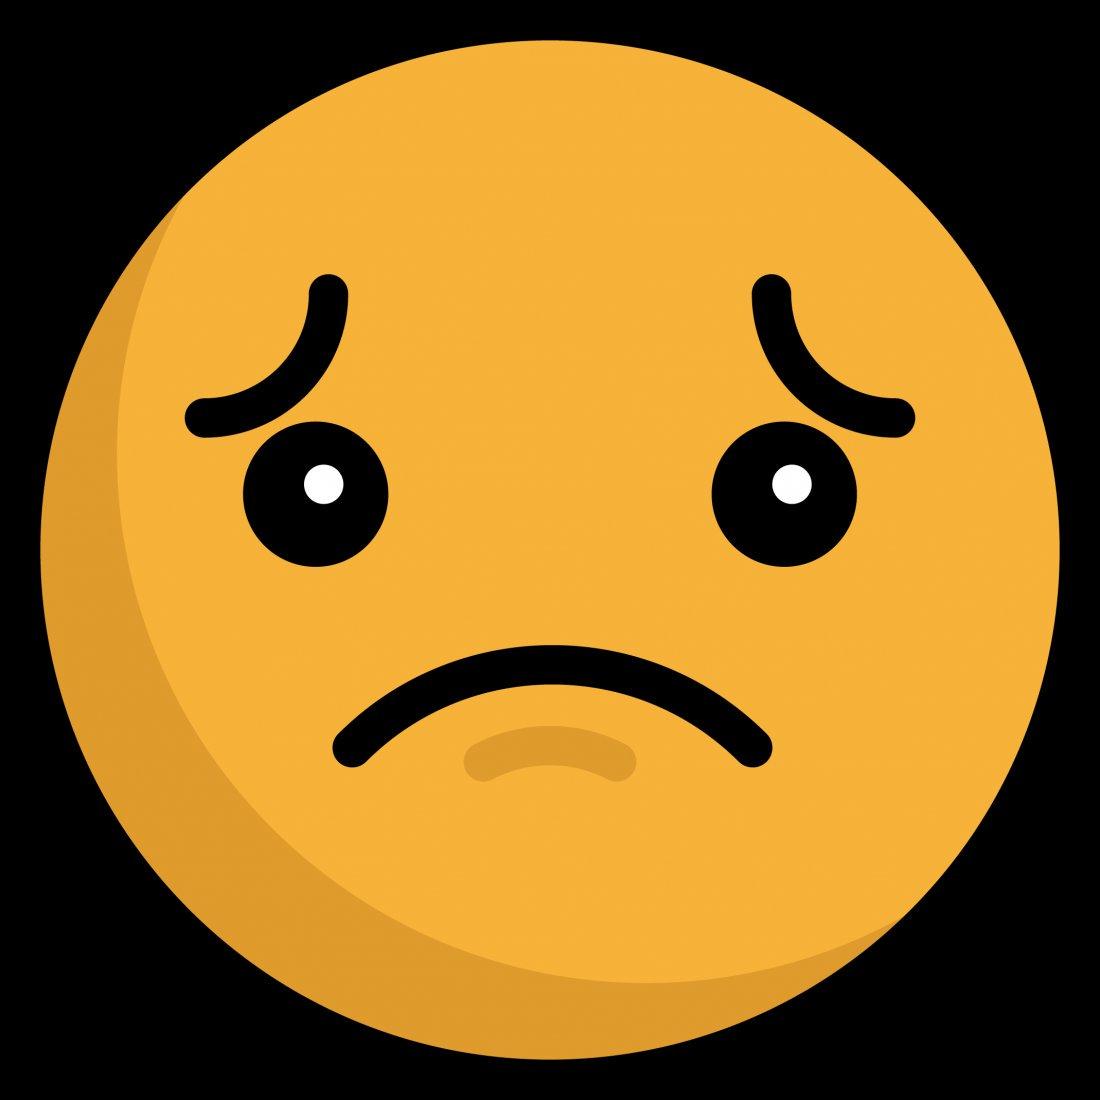 sad emoticon png - 1200×630